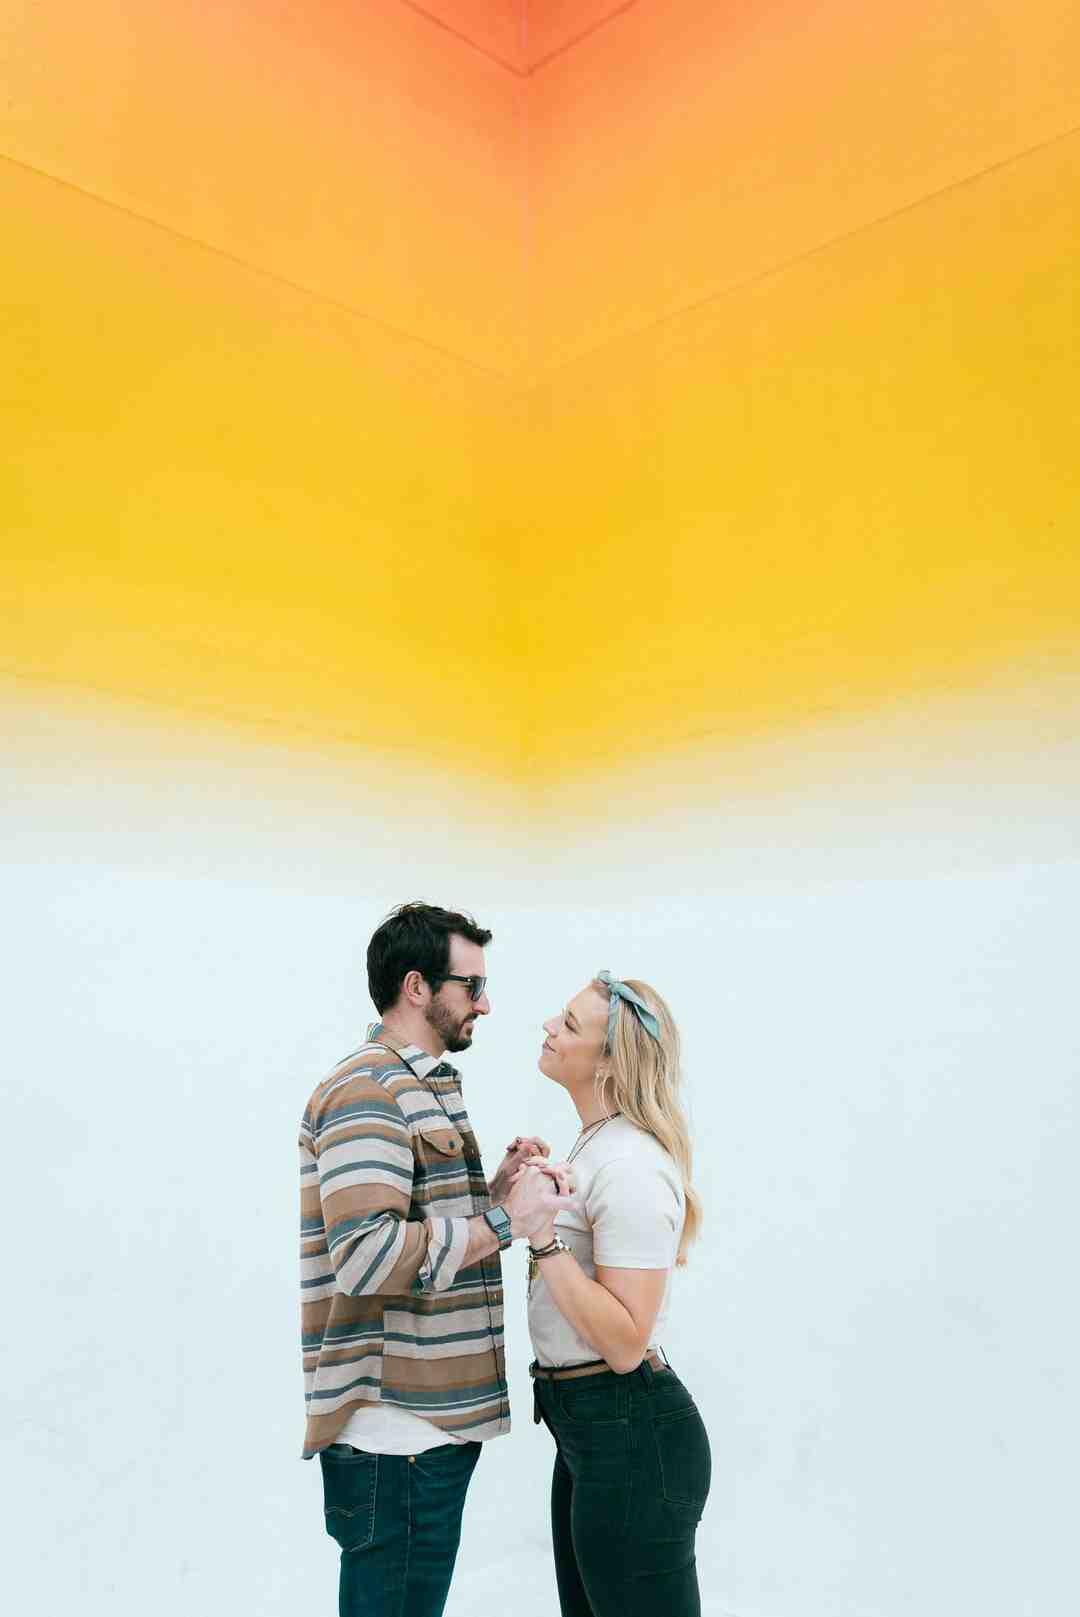 Quel genou à terre demande en mariage ?